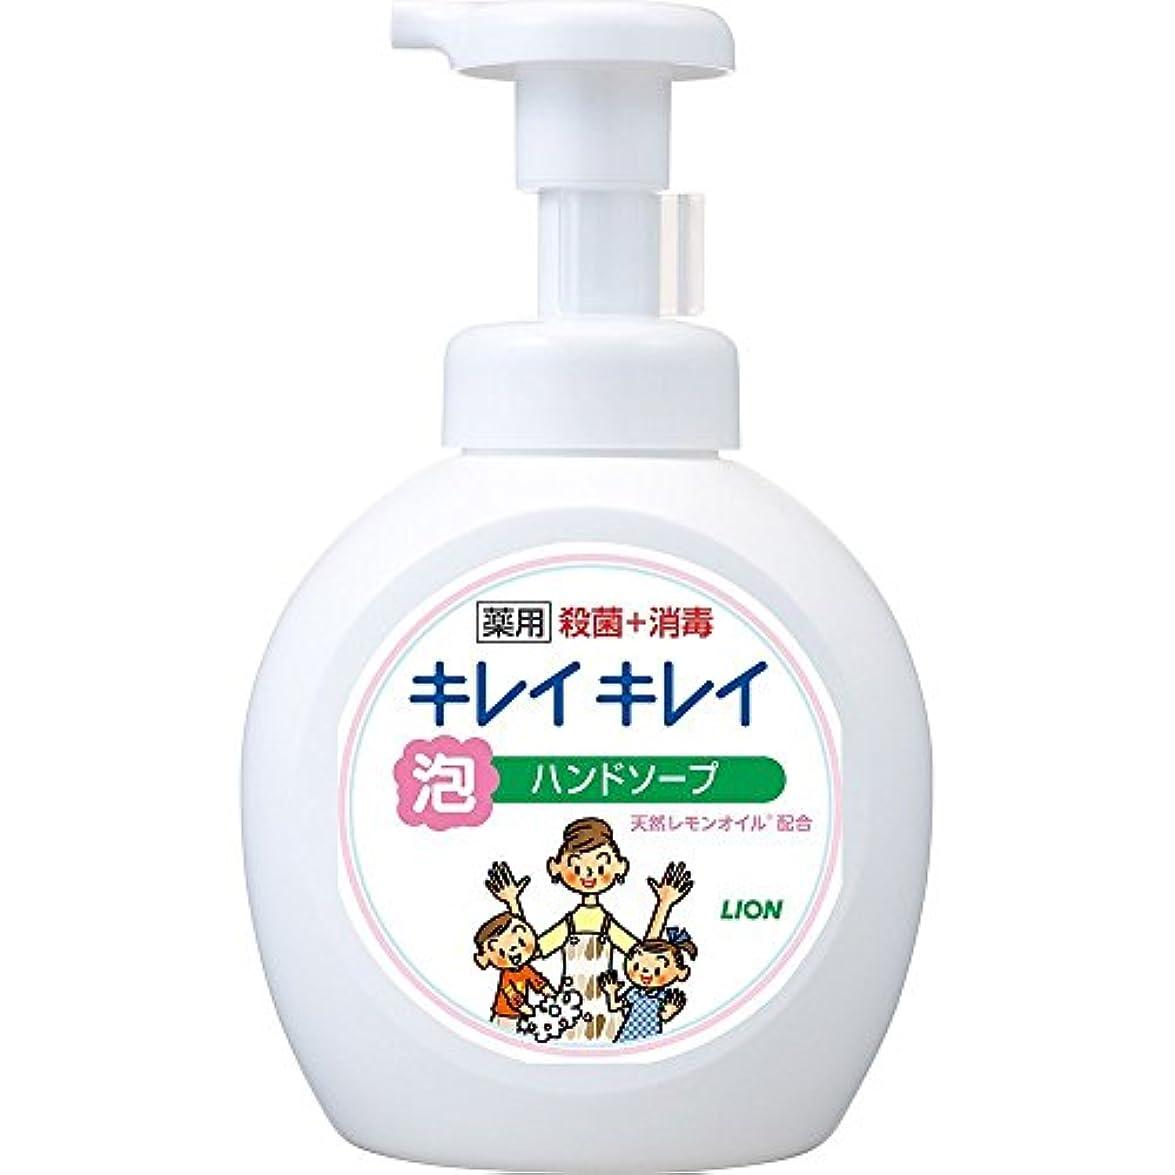 発動機水星可動式キレイキレイ 薬用 泡ハンドソープ シトラスフルーティの香り 本体ポンプ 大型サイズ 500ml(医薬部外品)